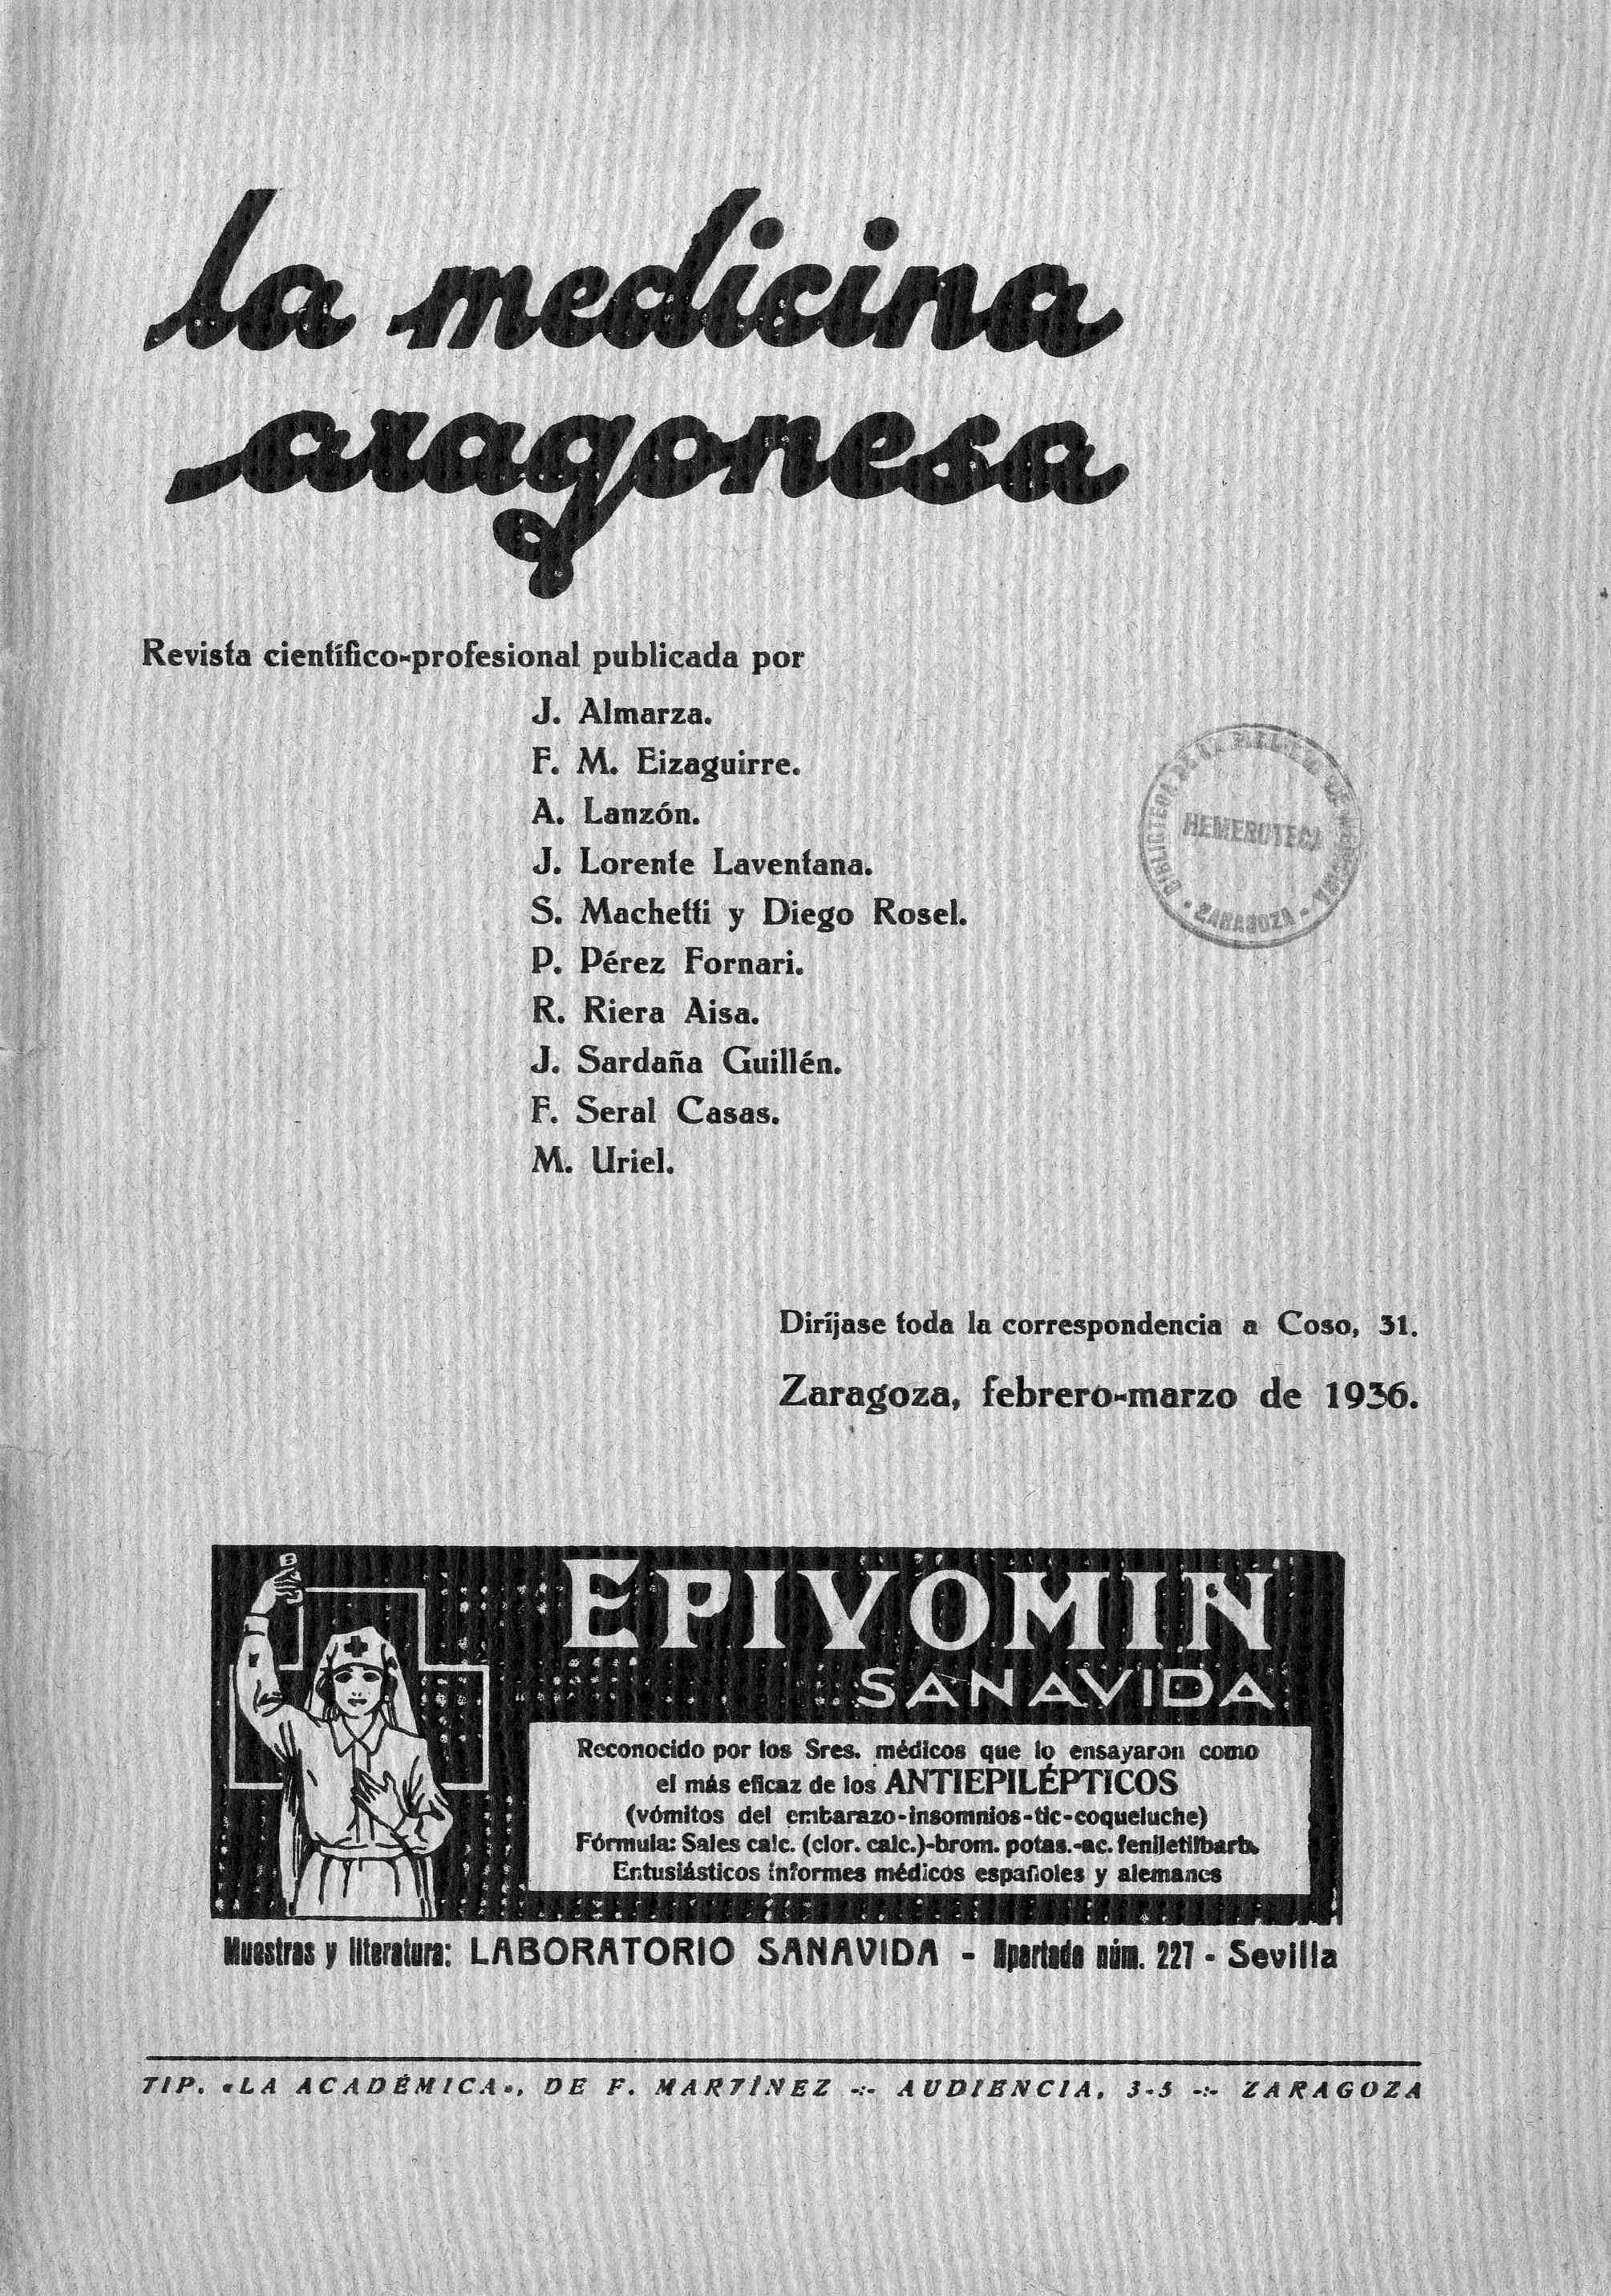 La medicina aragonesa, 4ª ép., Año 7, n. 2 , (1936)